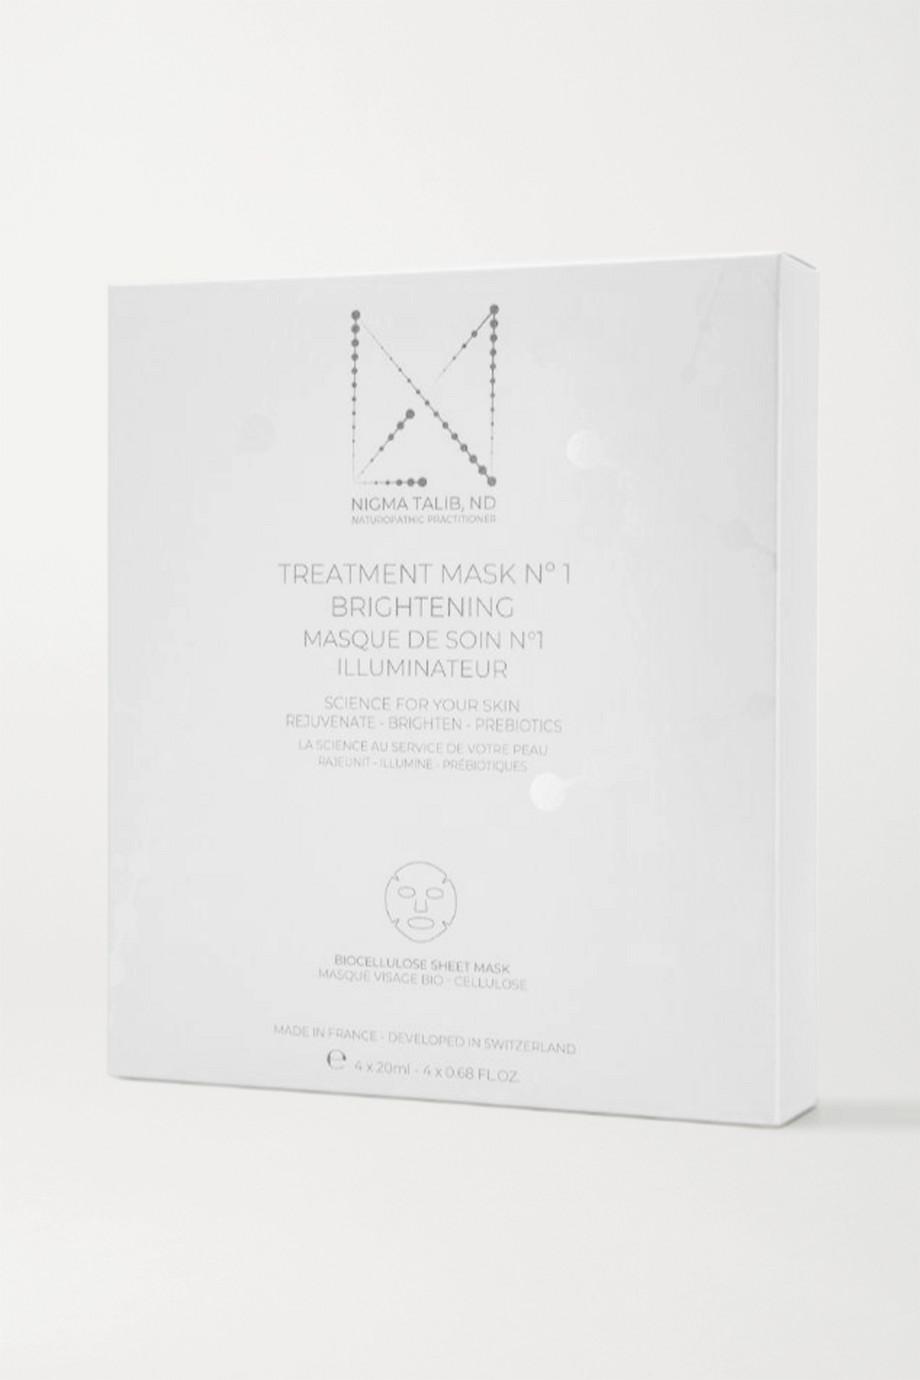 Nigma Talib ND Treatment Mask No1 - Brightening x 4